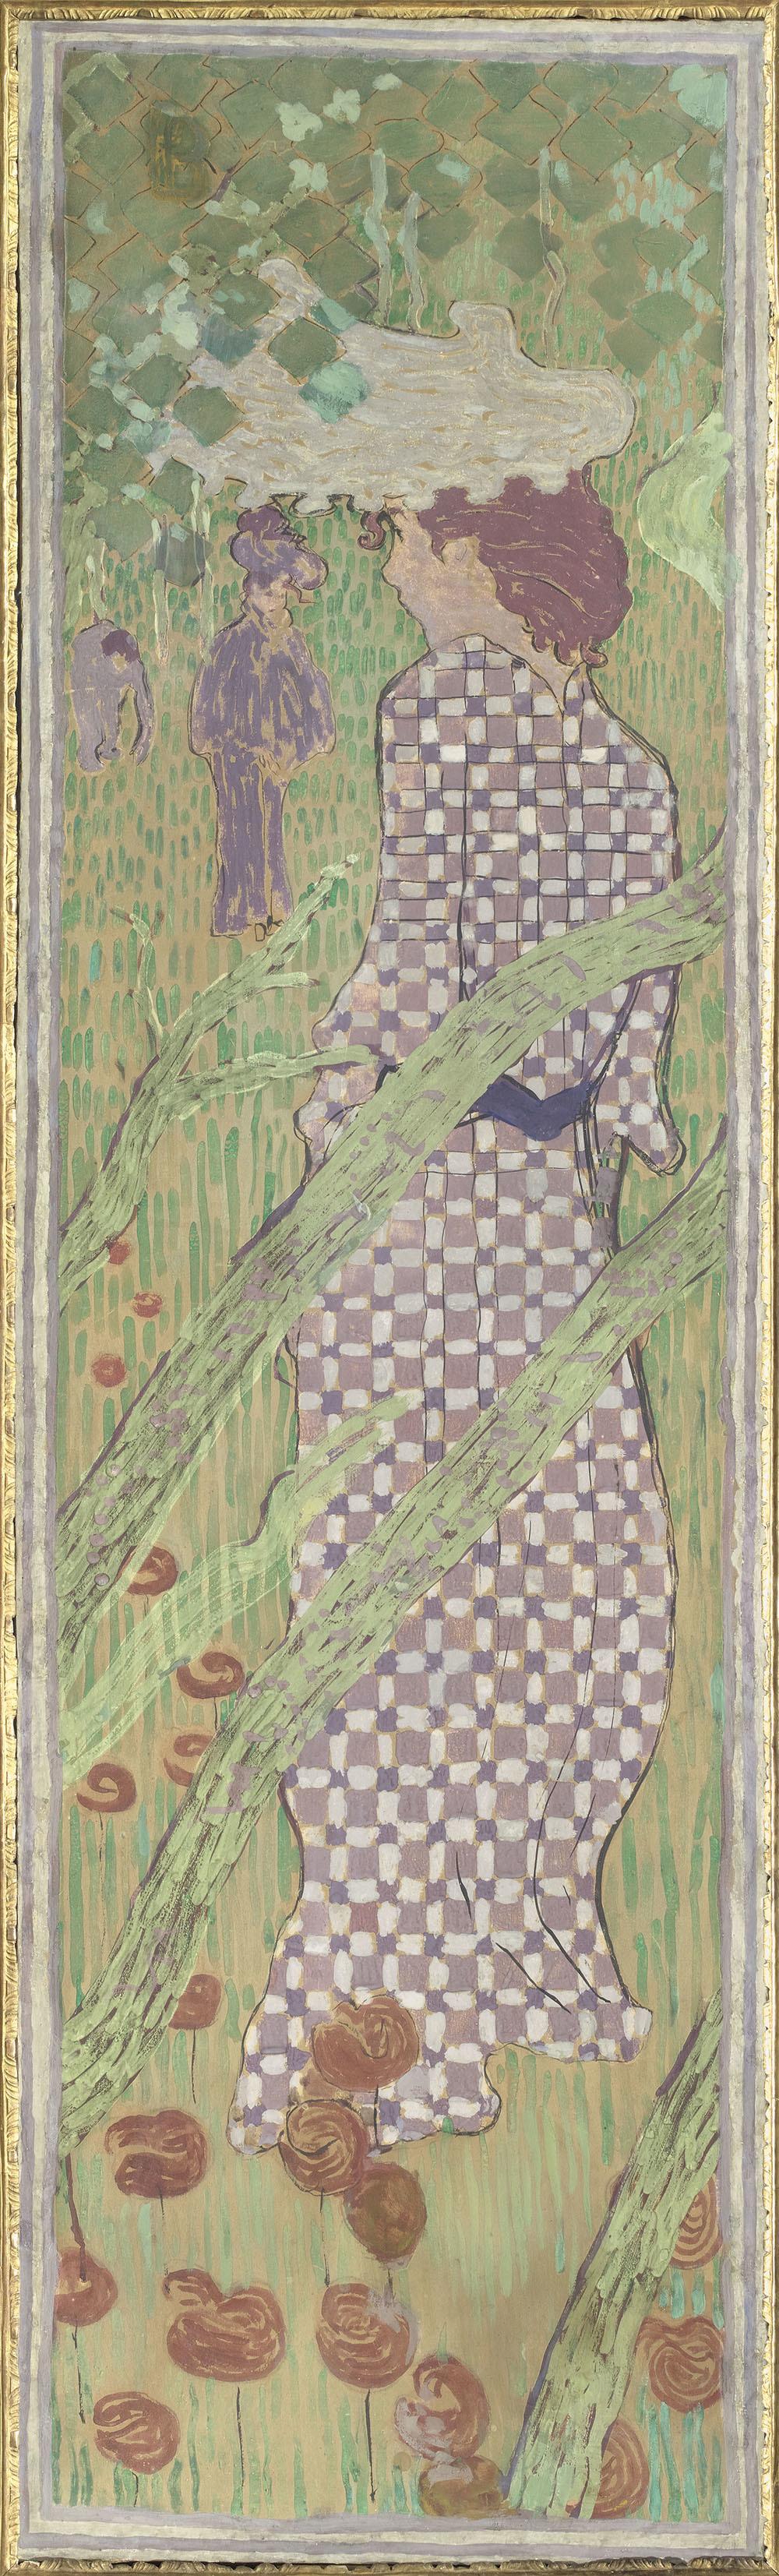 ピエール・ボナール 《庭の女性たち 格子柄の服を着た女性》 1890-91年 デトランプ/カンヴァスに貼り付けた紙、装飾パネル © RMN-Grand Palais (musée d'Orsay) / Hervé Lewandowski / distributed by AMF